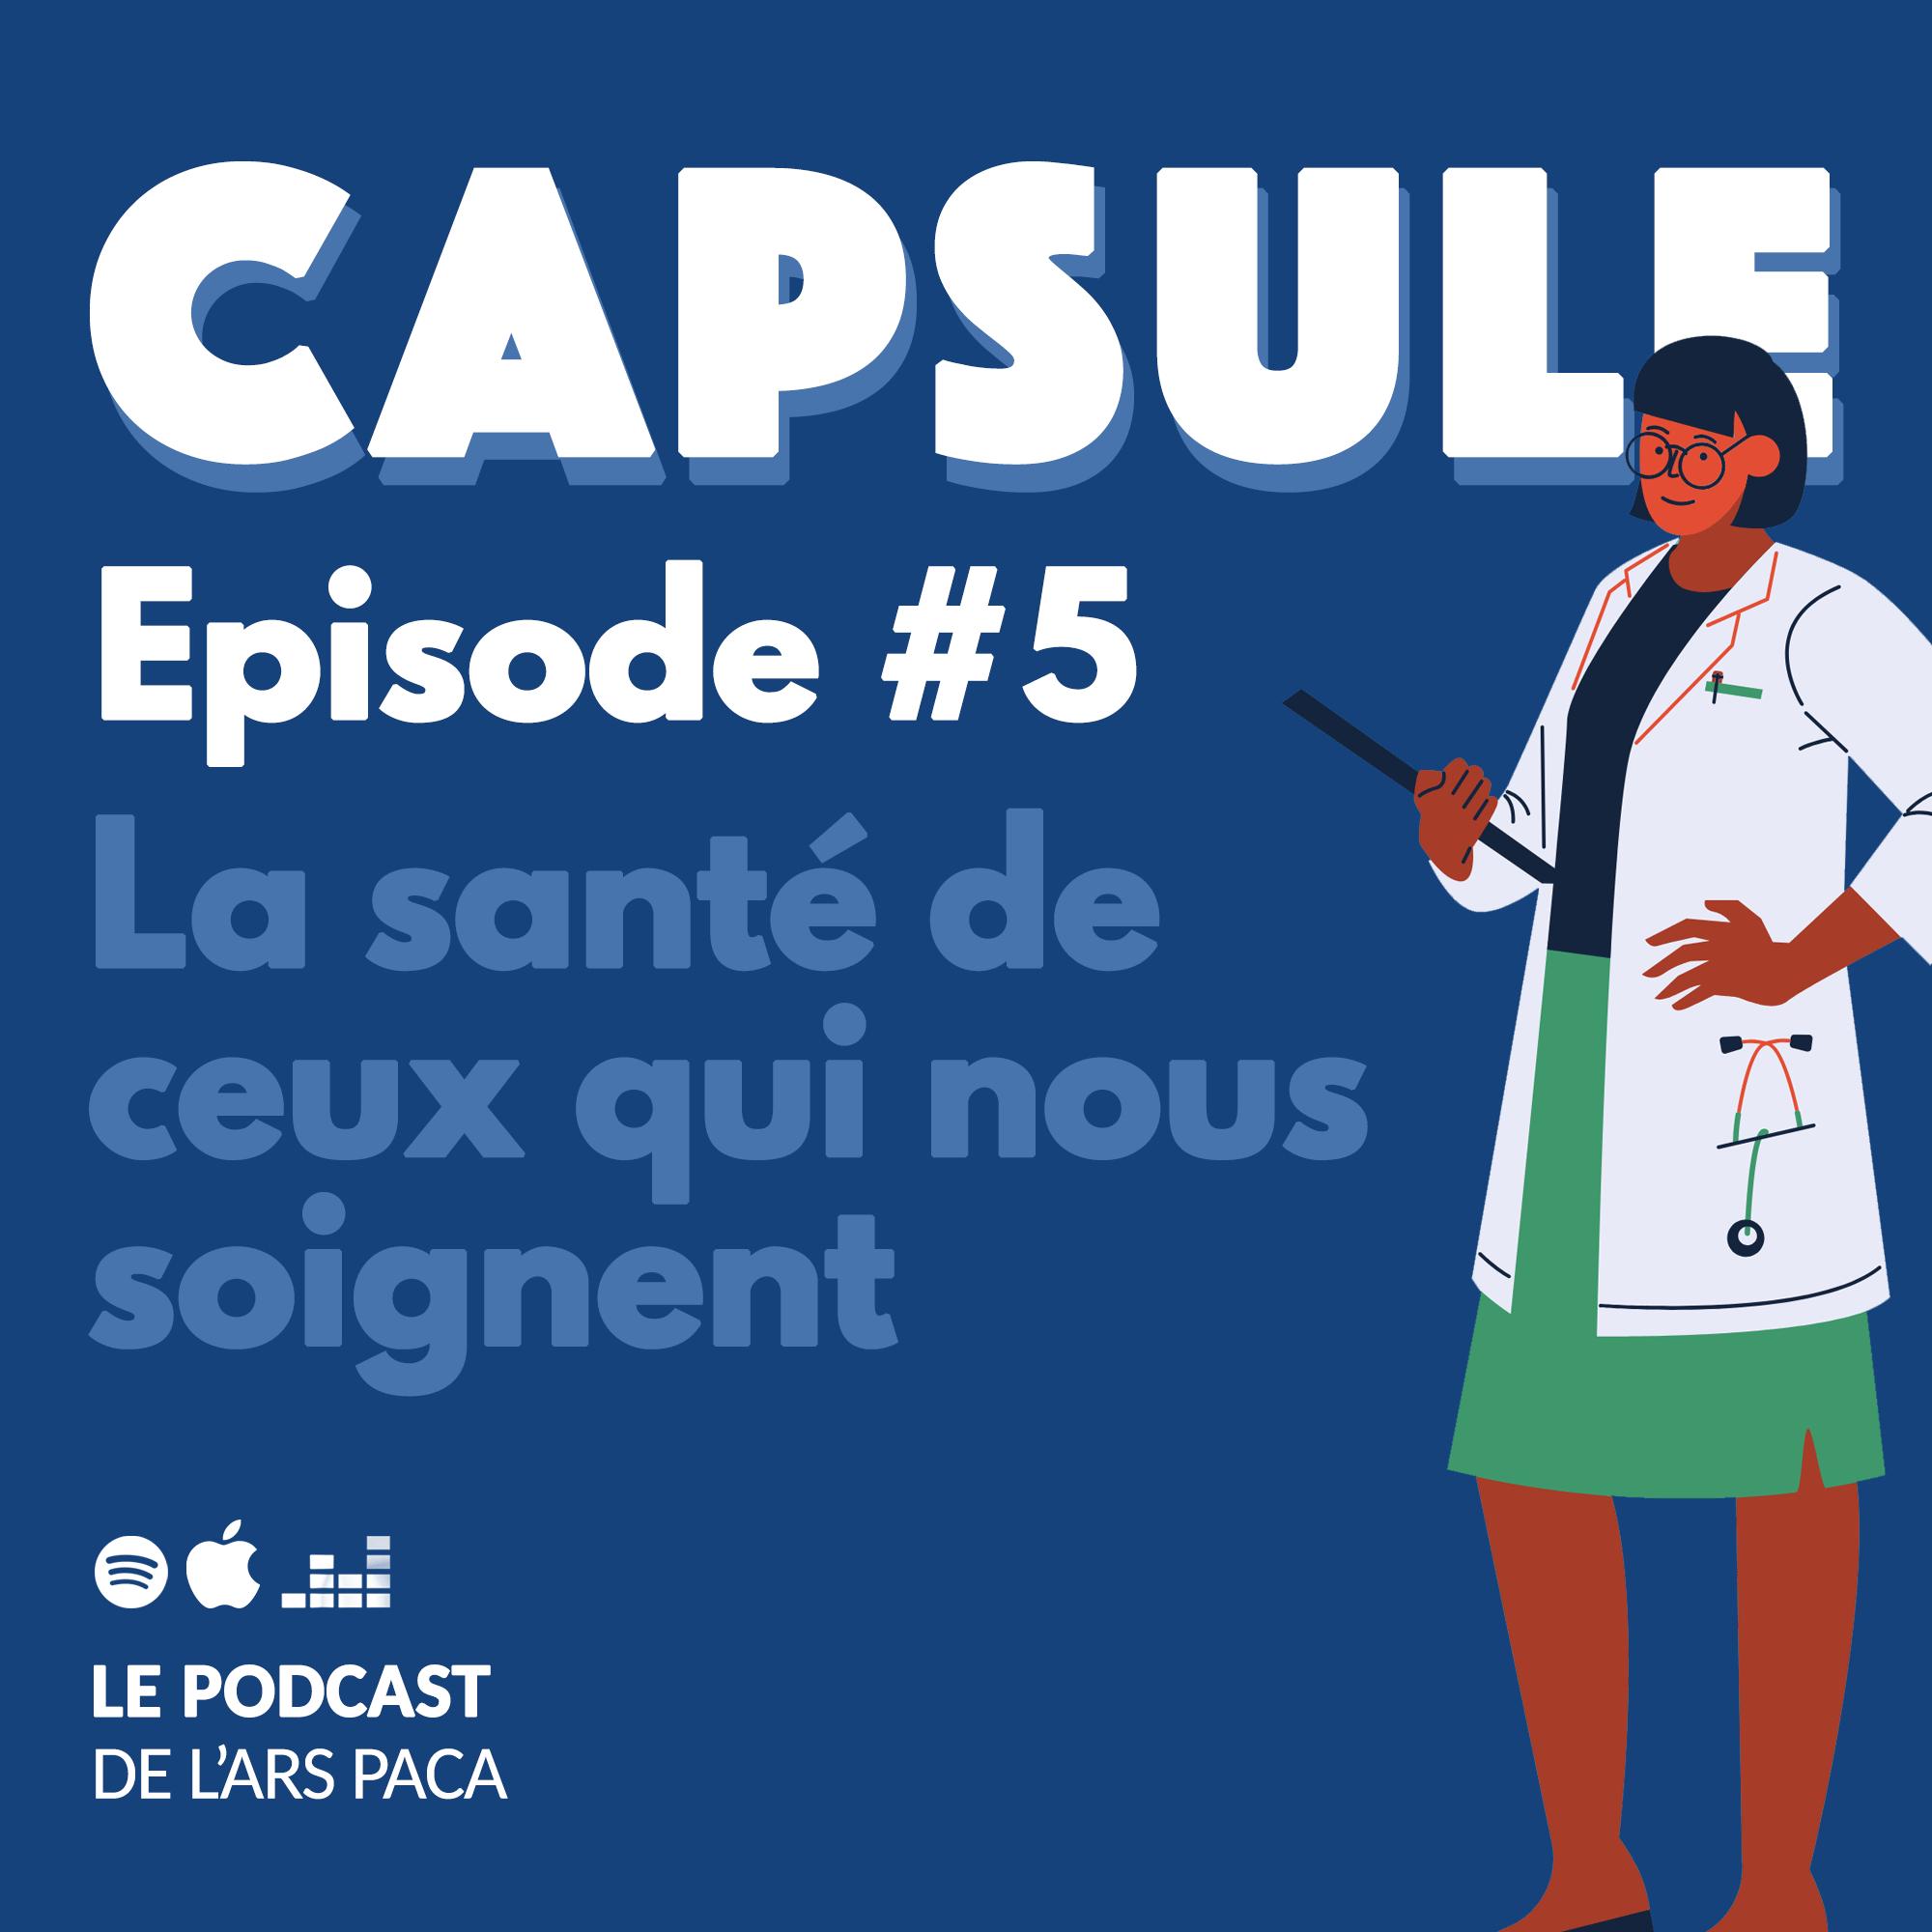 Capsule : Prendre soin de ceux qui nous soignent